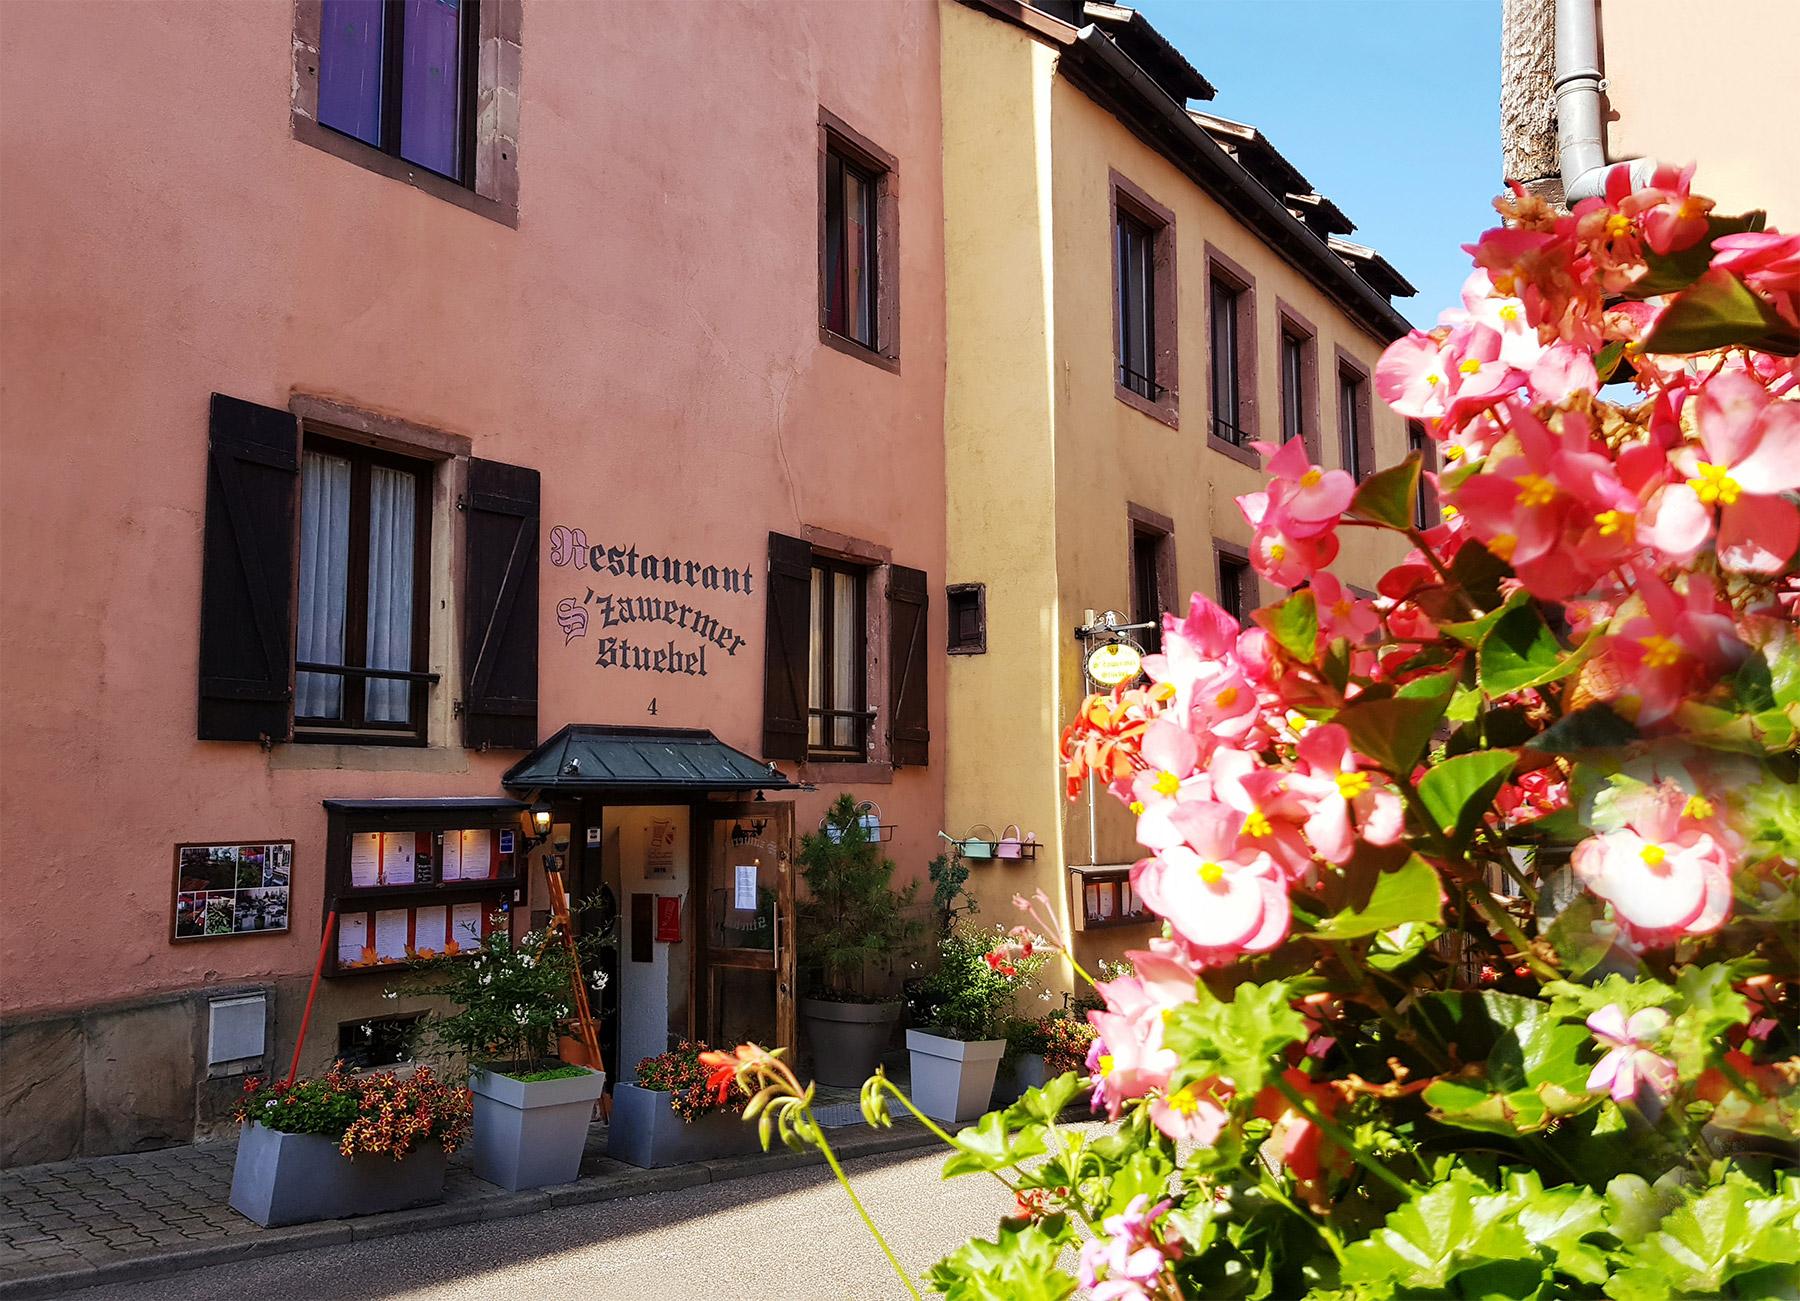 Restaurant S'Zawermer Stuebel